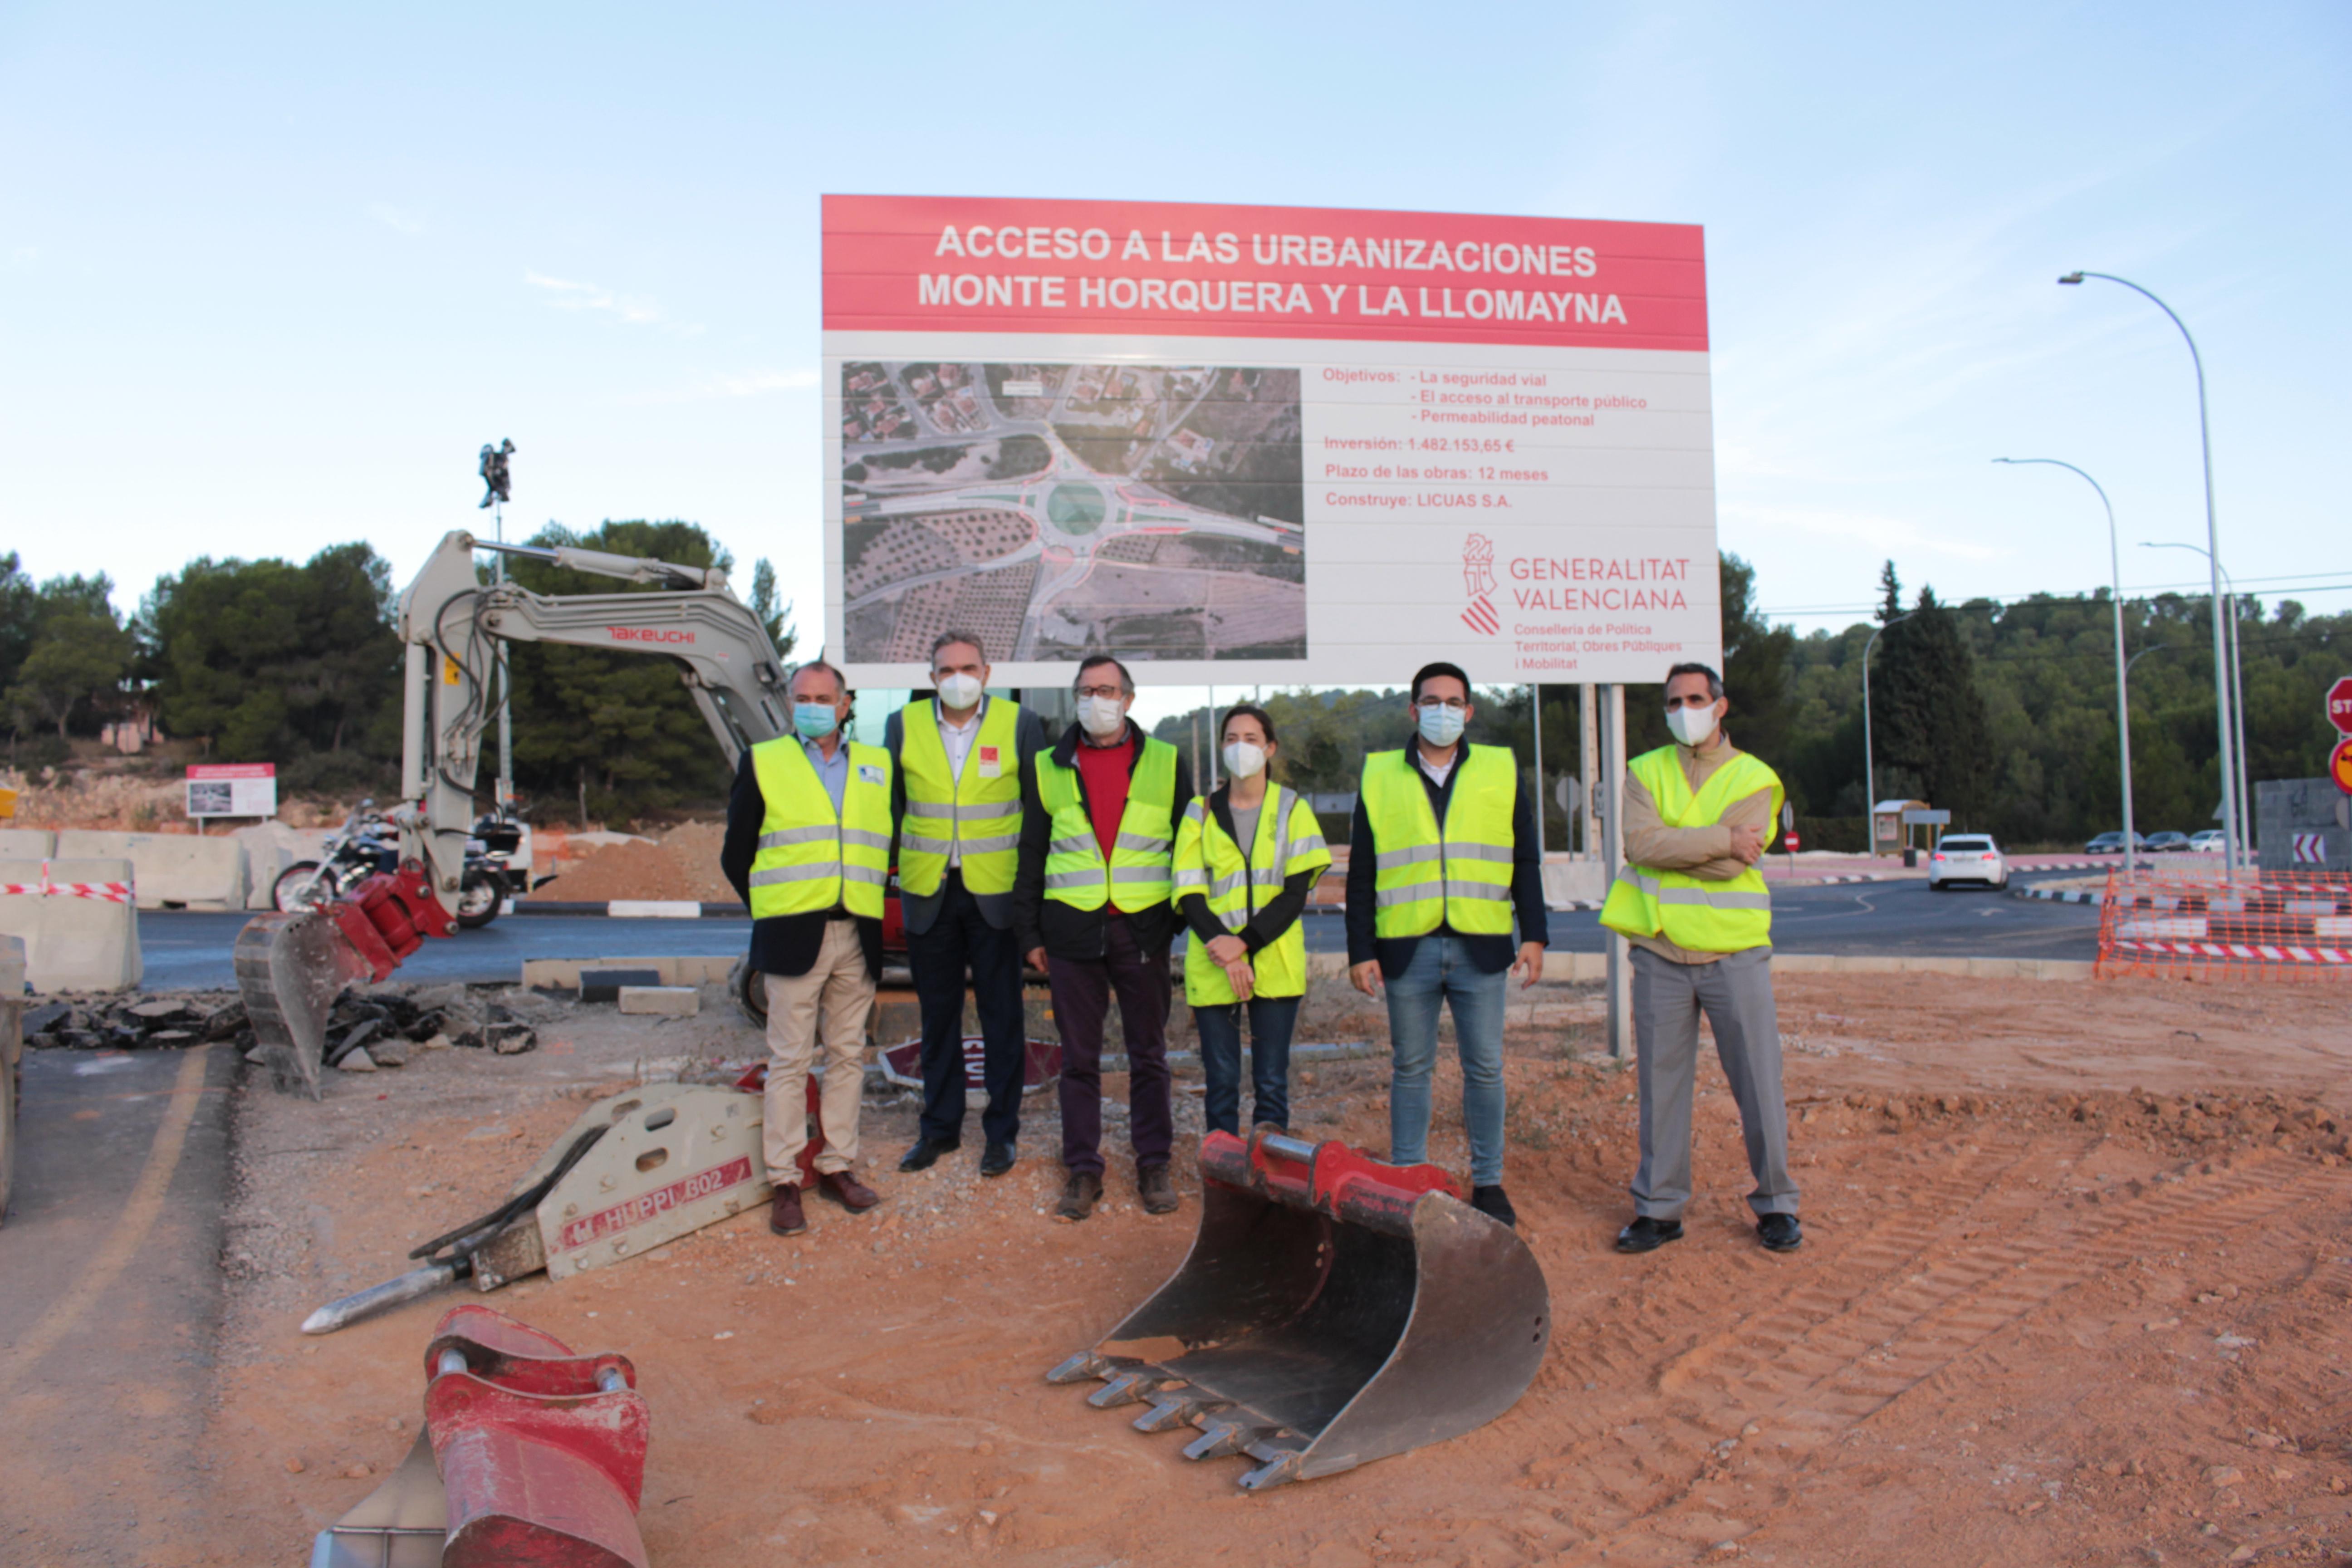 Obras Públicas invierte cerca de 1,5 millones de euros en incrementar la seguridad vial del acceso a urbanizaciones de Vilamarxant en la CV-50